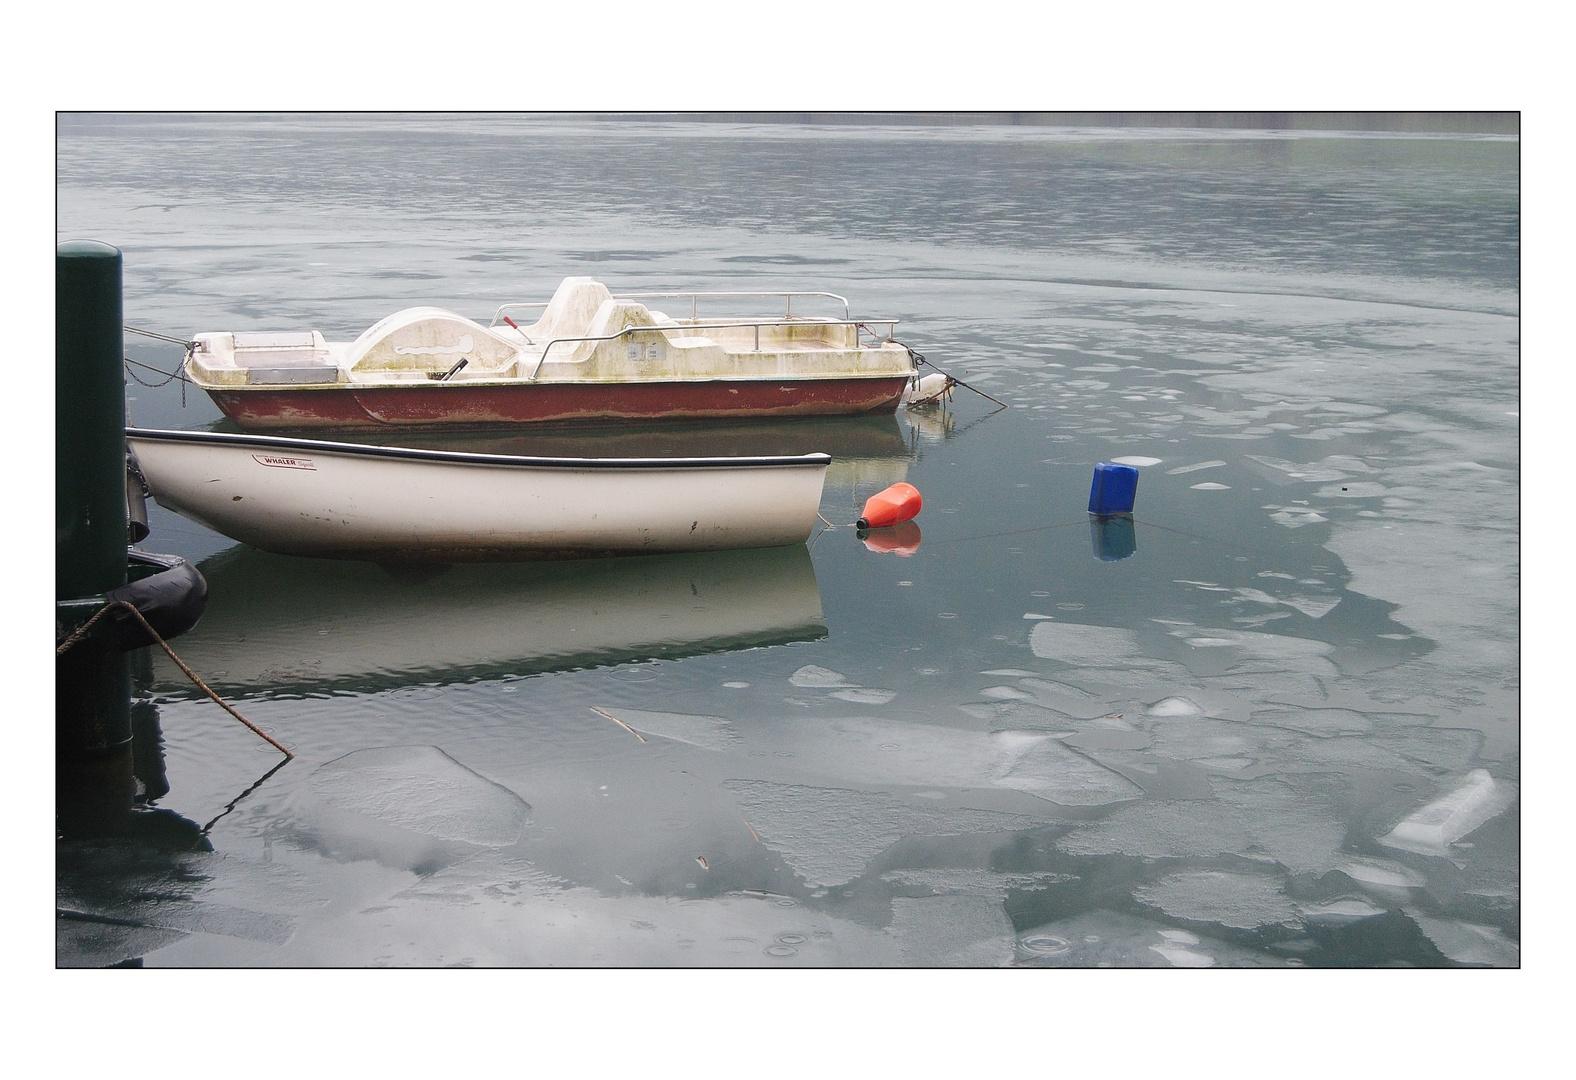 ...nel ghiaccio...